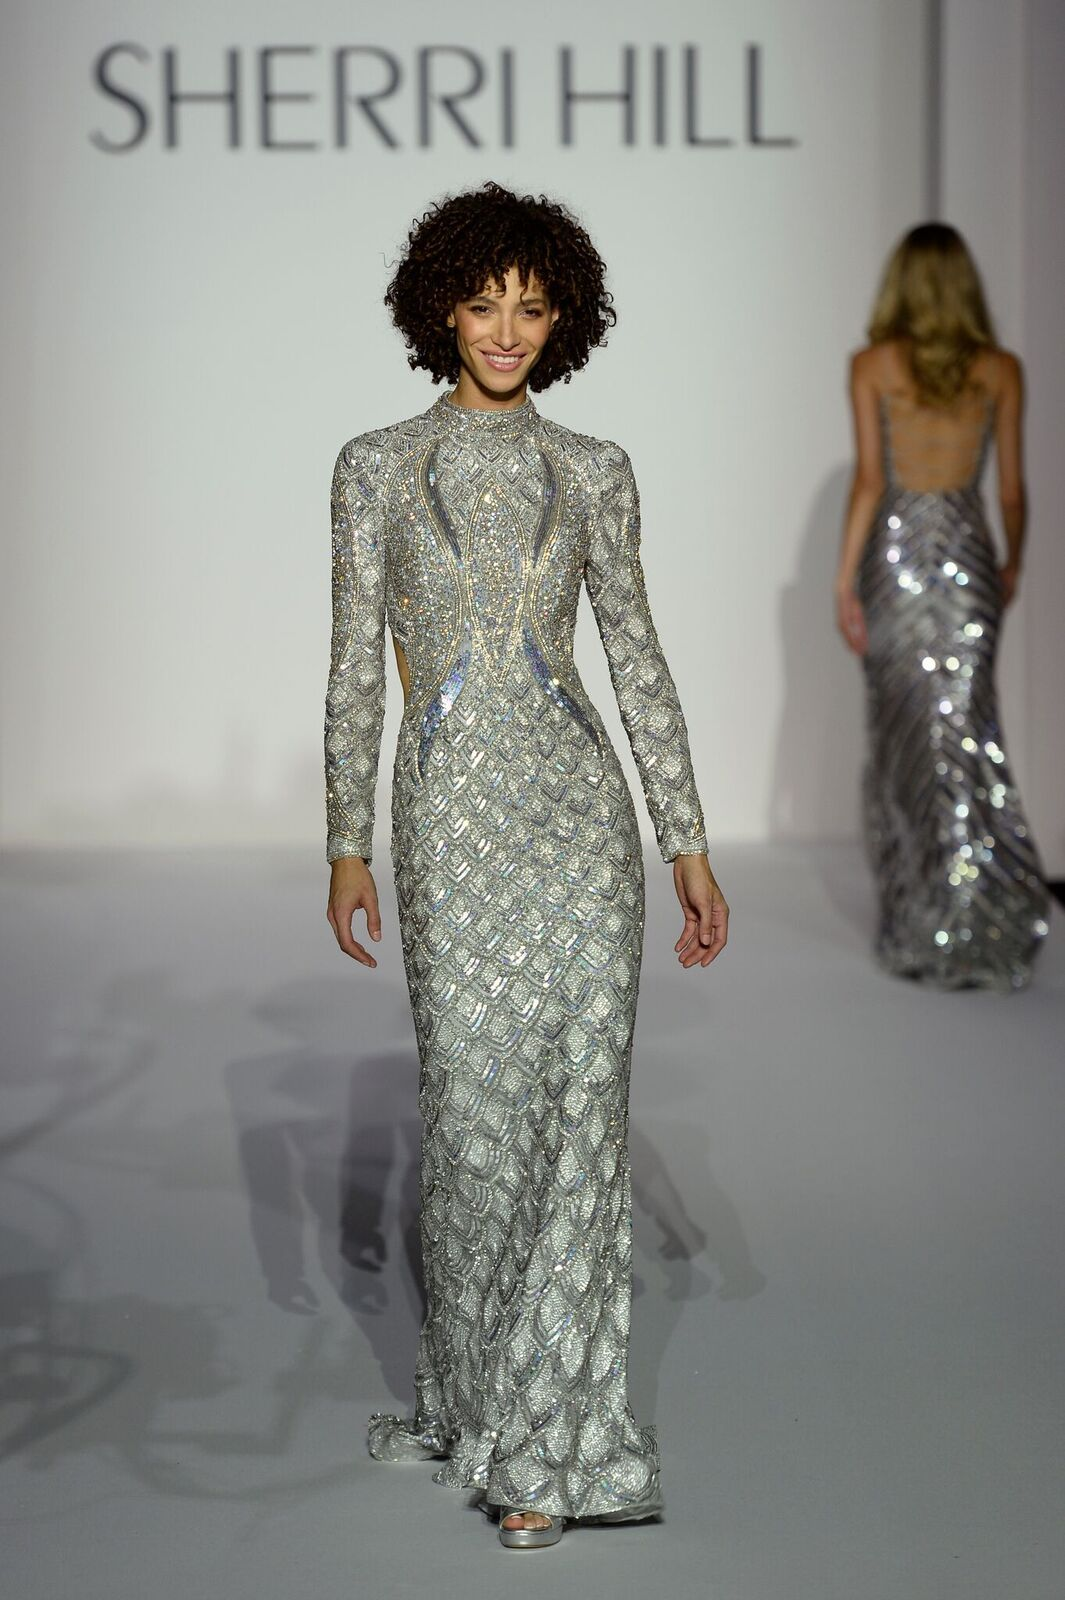 79358daff6c2 New York Fashion Week - Spring 2019 - Sherri Hill   Formal wear 7 in ...